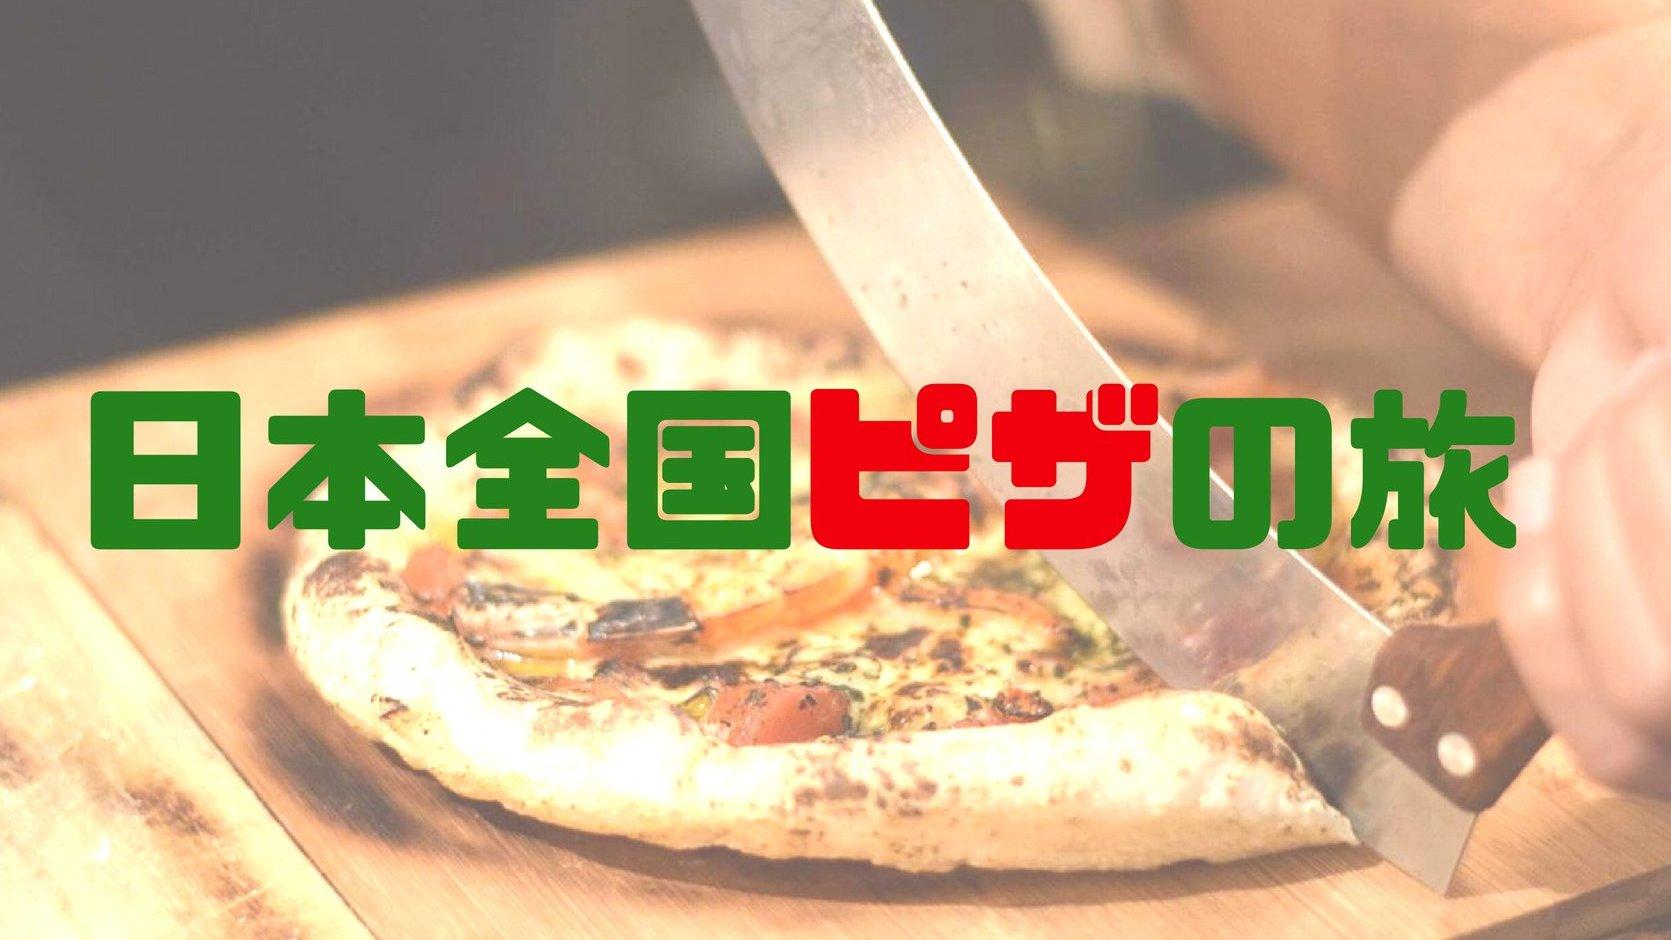 無菌室に希望を届けるため日本全国を旅する白血病のピザ職人・河内 佑介さん